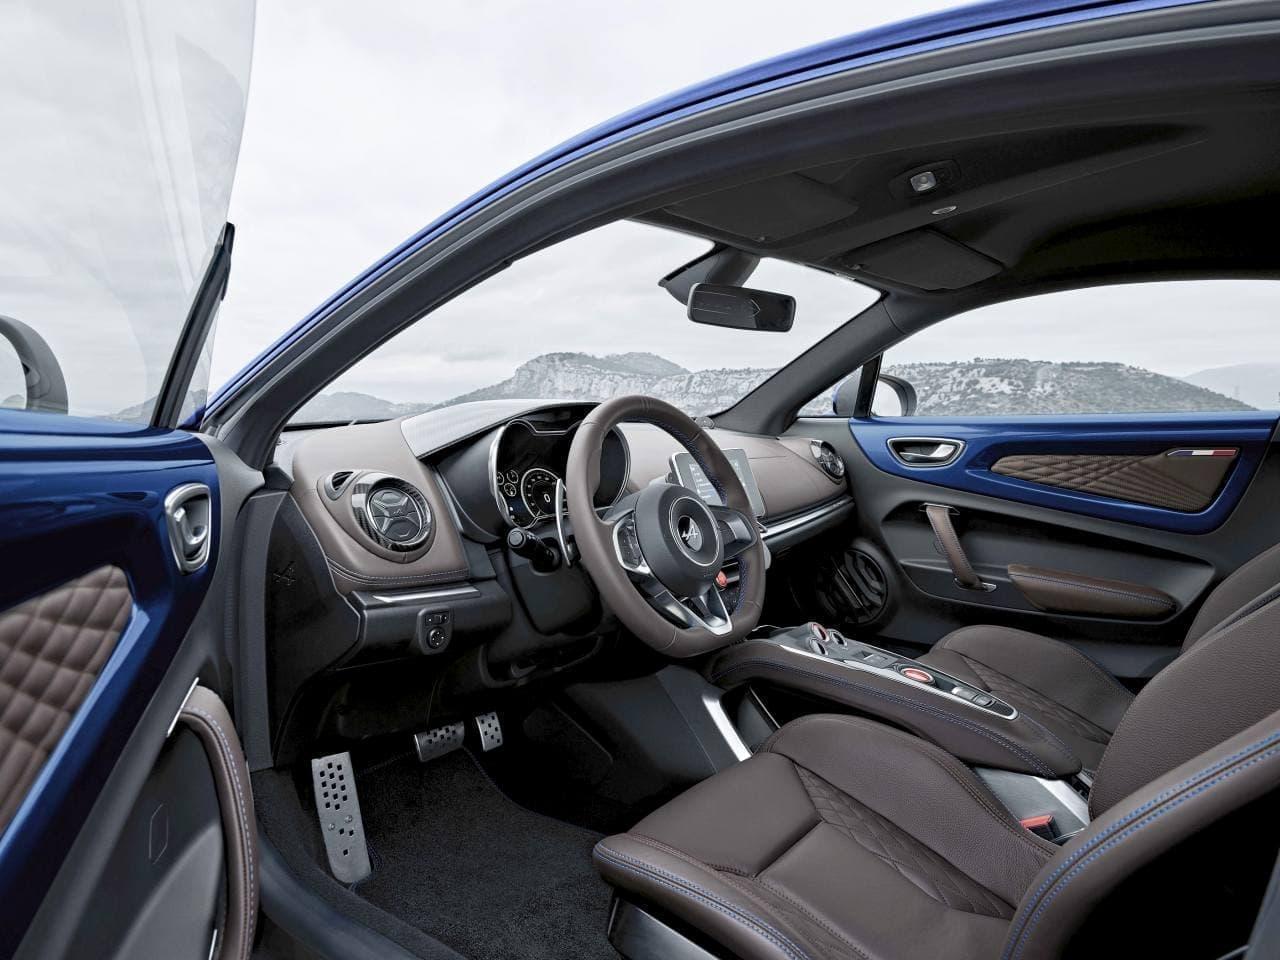 アルピーヌ「A110」の限定モデル「ブルー アビス」、先着での申込受付開始